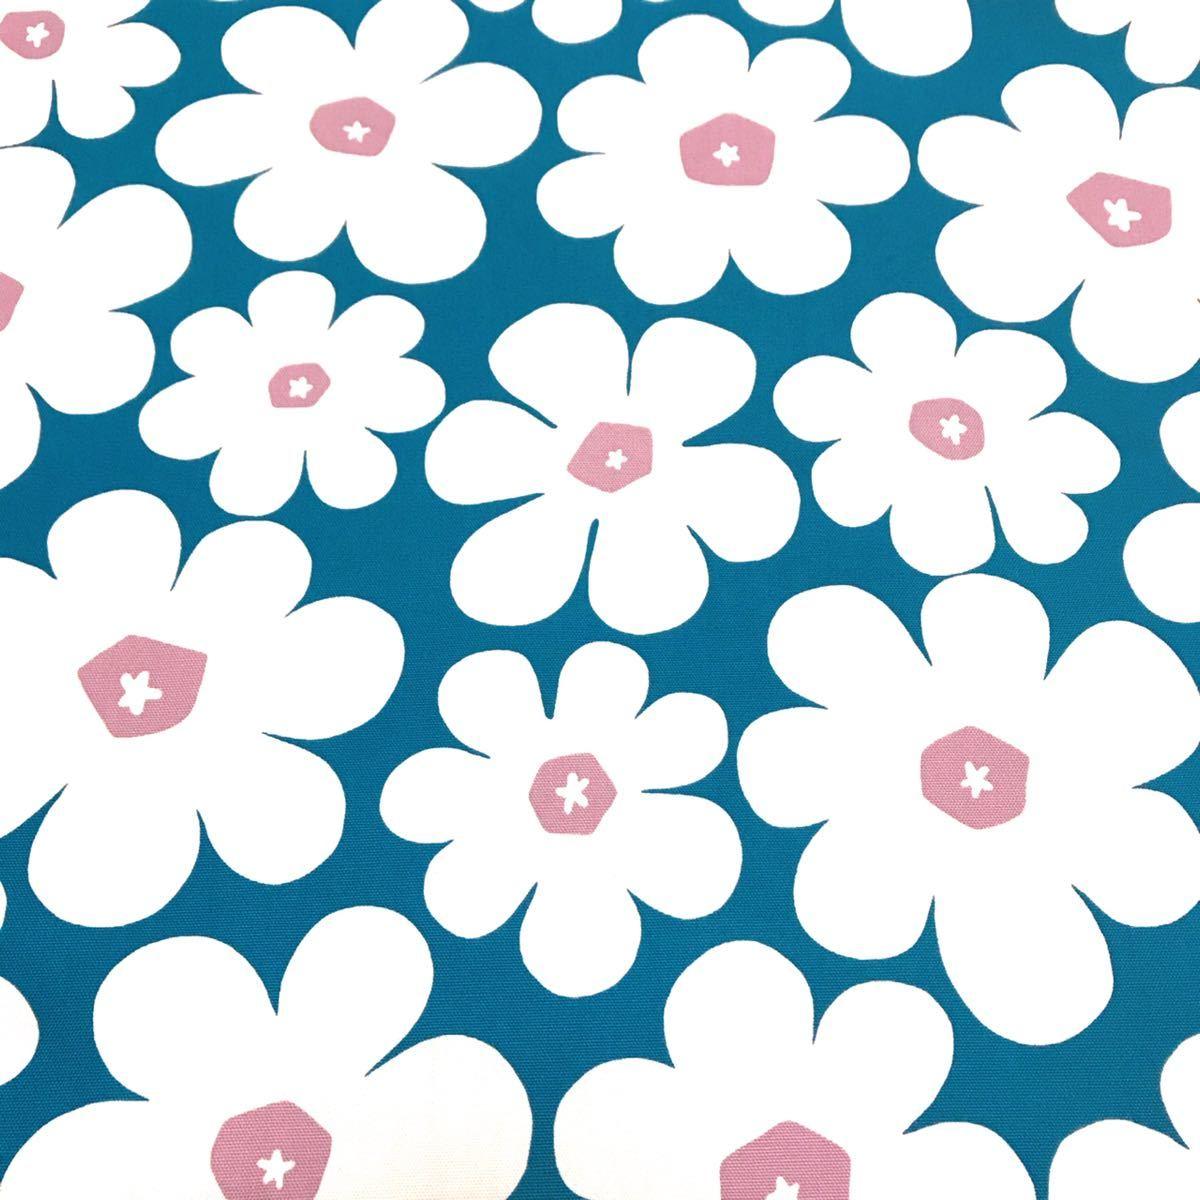 花柄 オックス生地 ブルーグリーン 【廃盤生地】